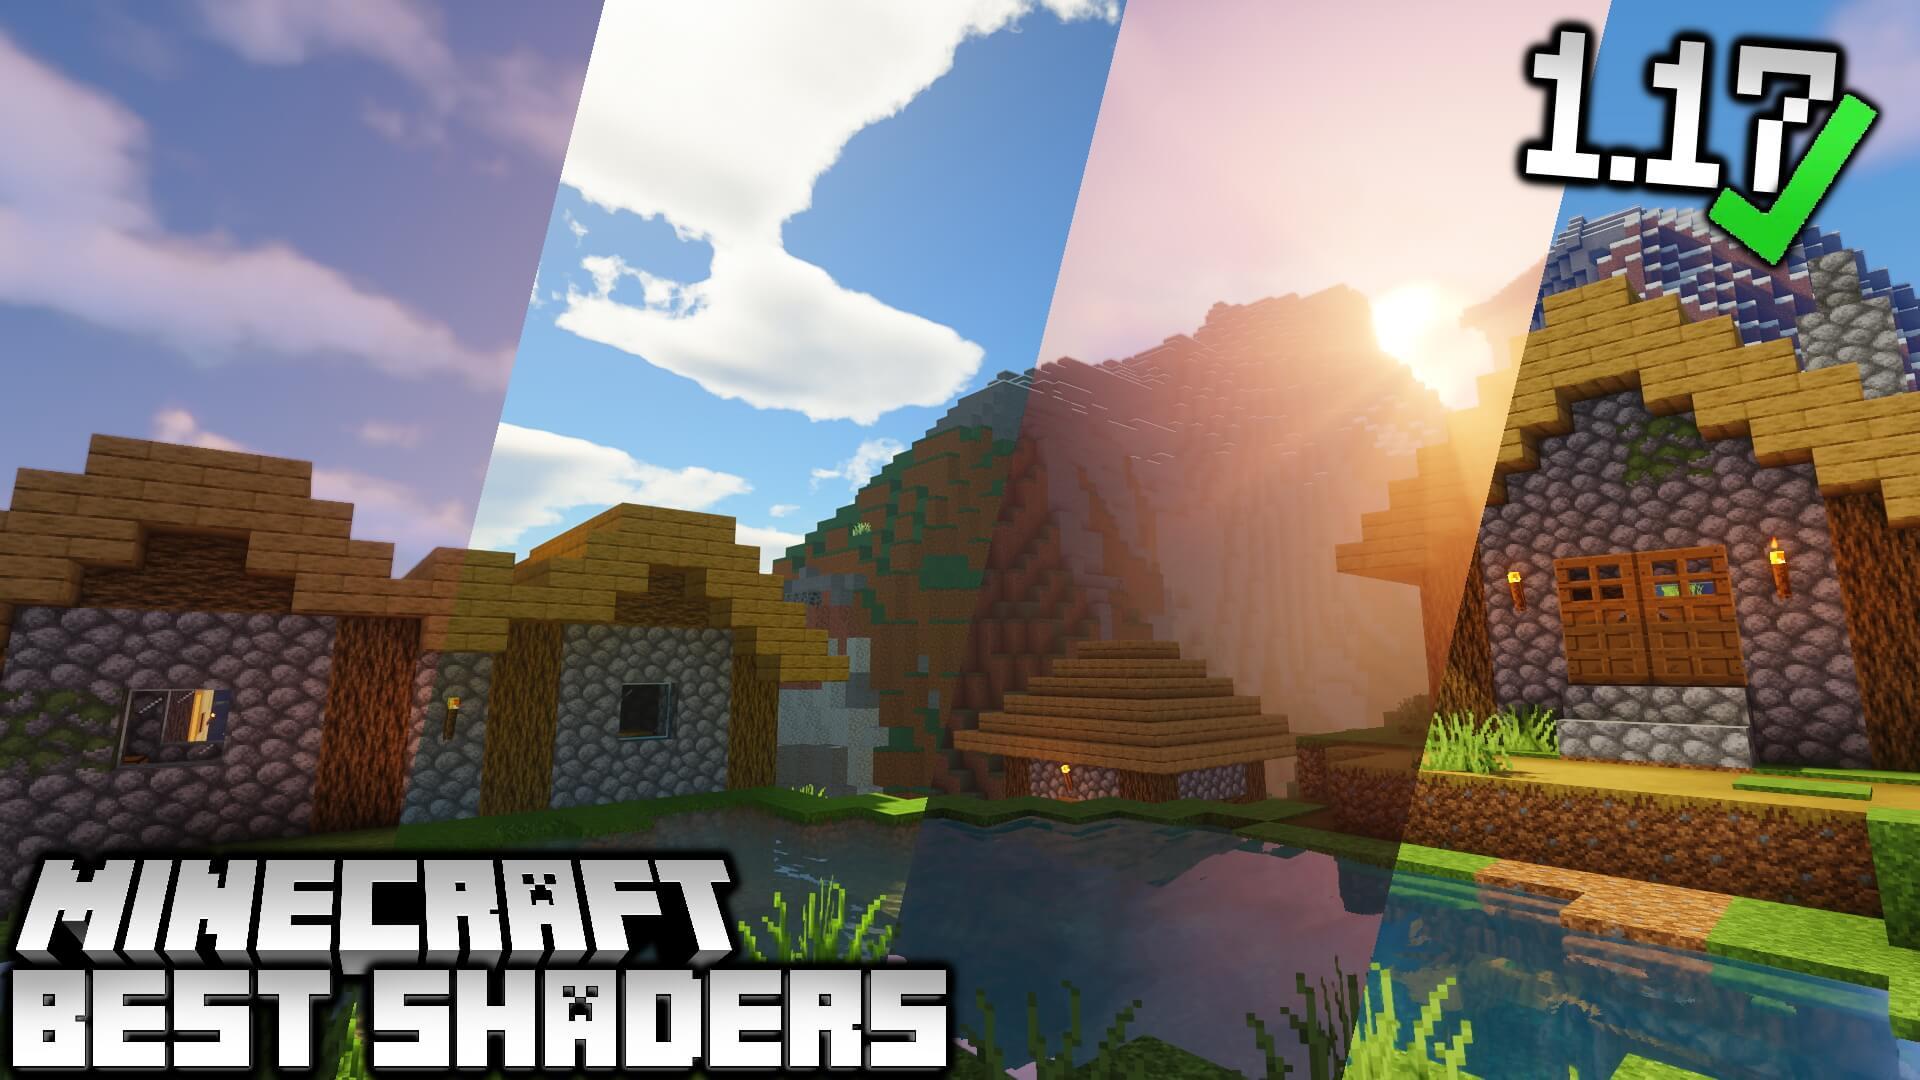 Minecraft 1.17.1 Shaders Download List • Texture